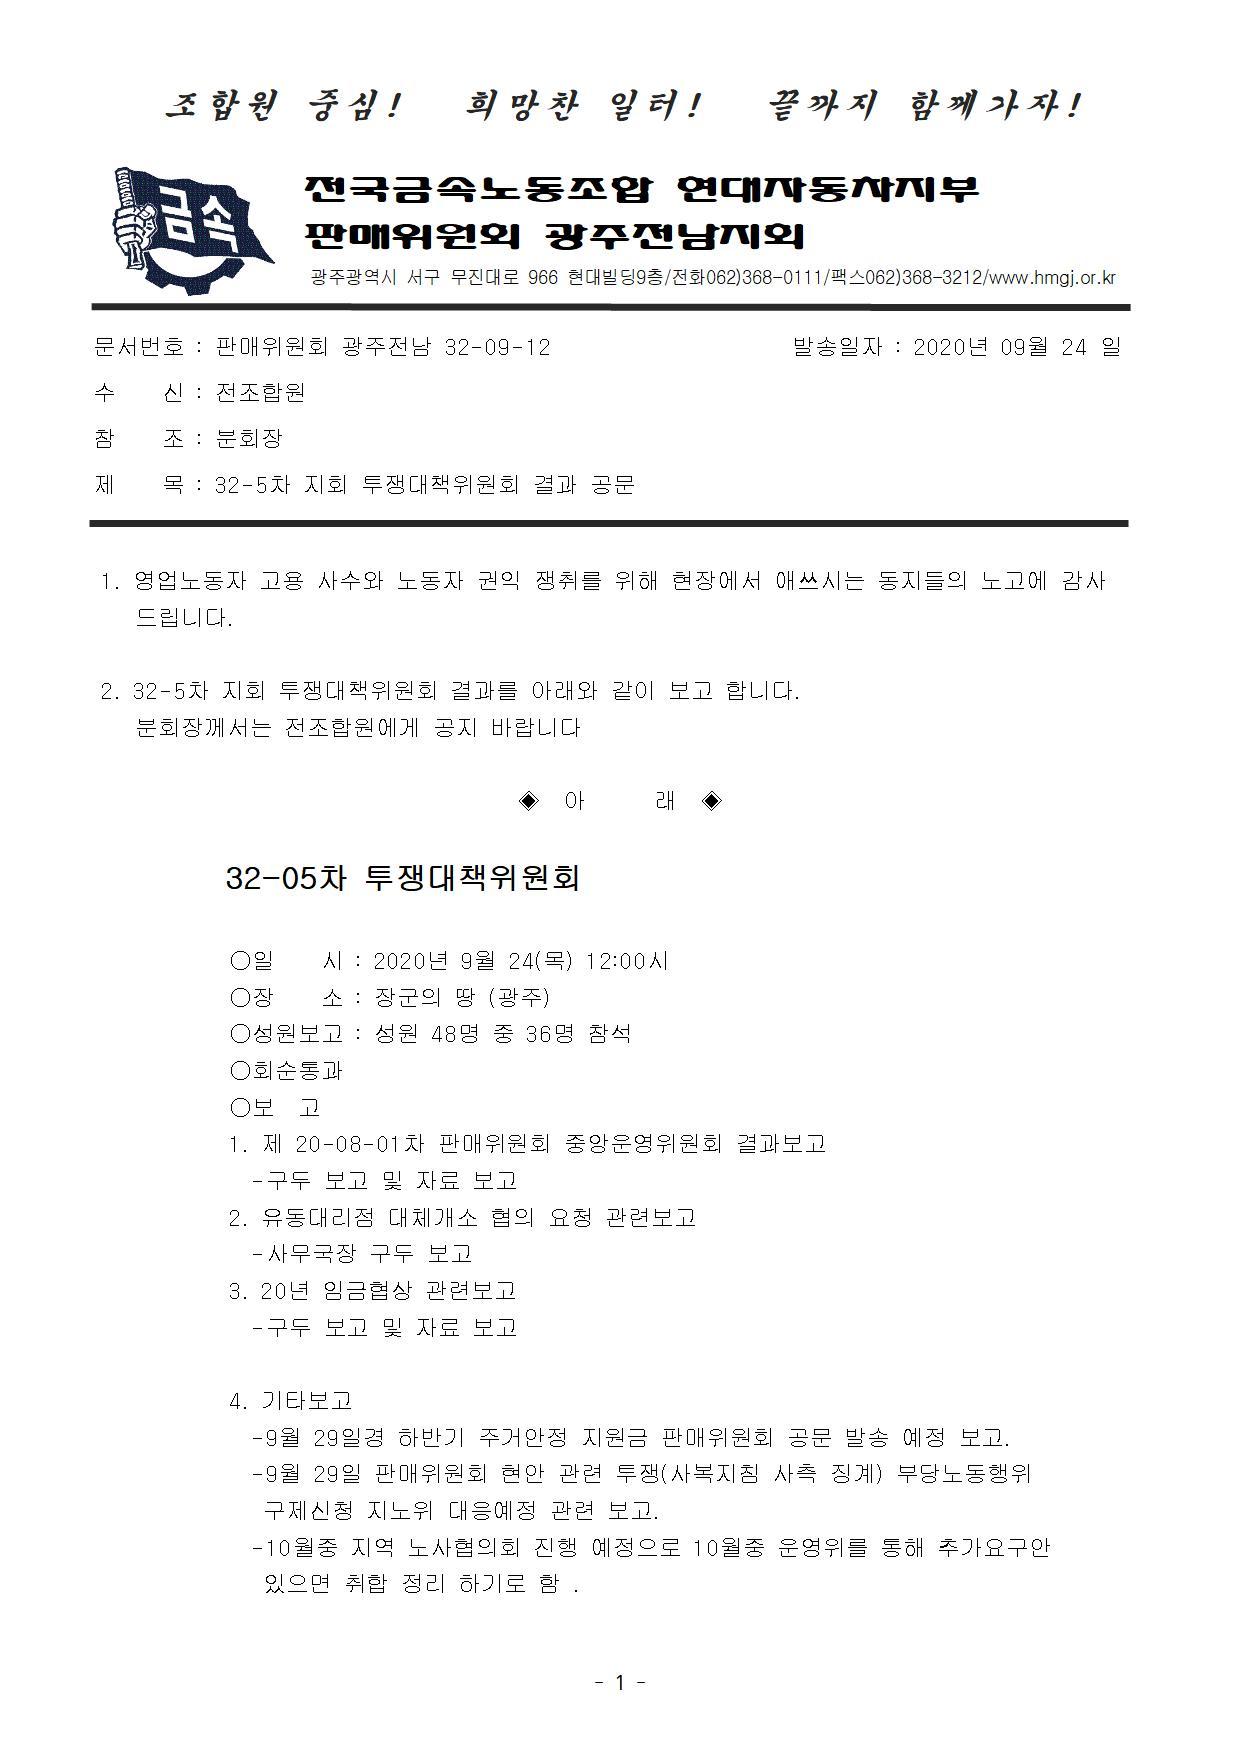 (32-09-12) 32-5차 지회 투쟁대책위원회 결과 공문001.jpg